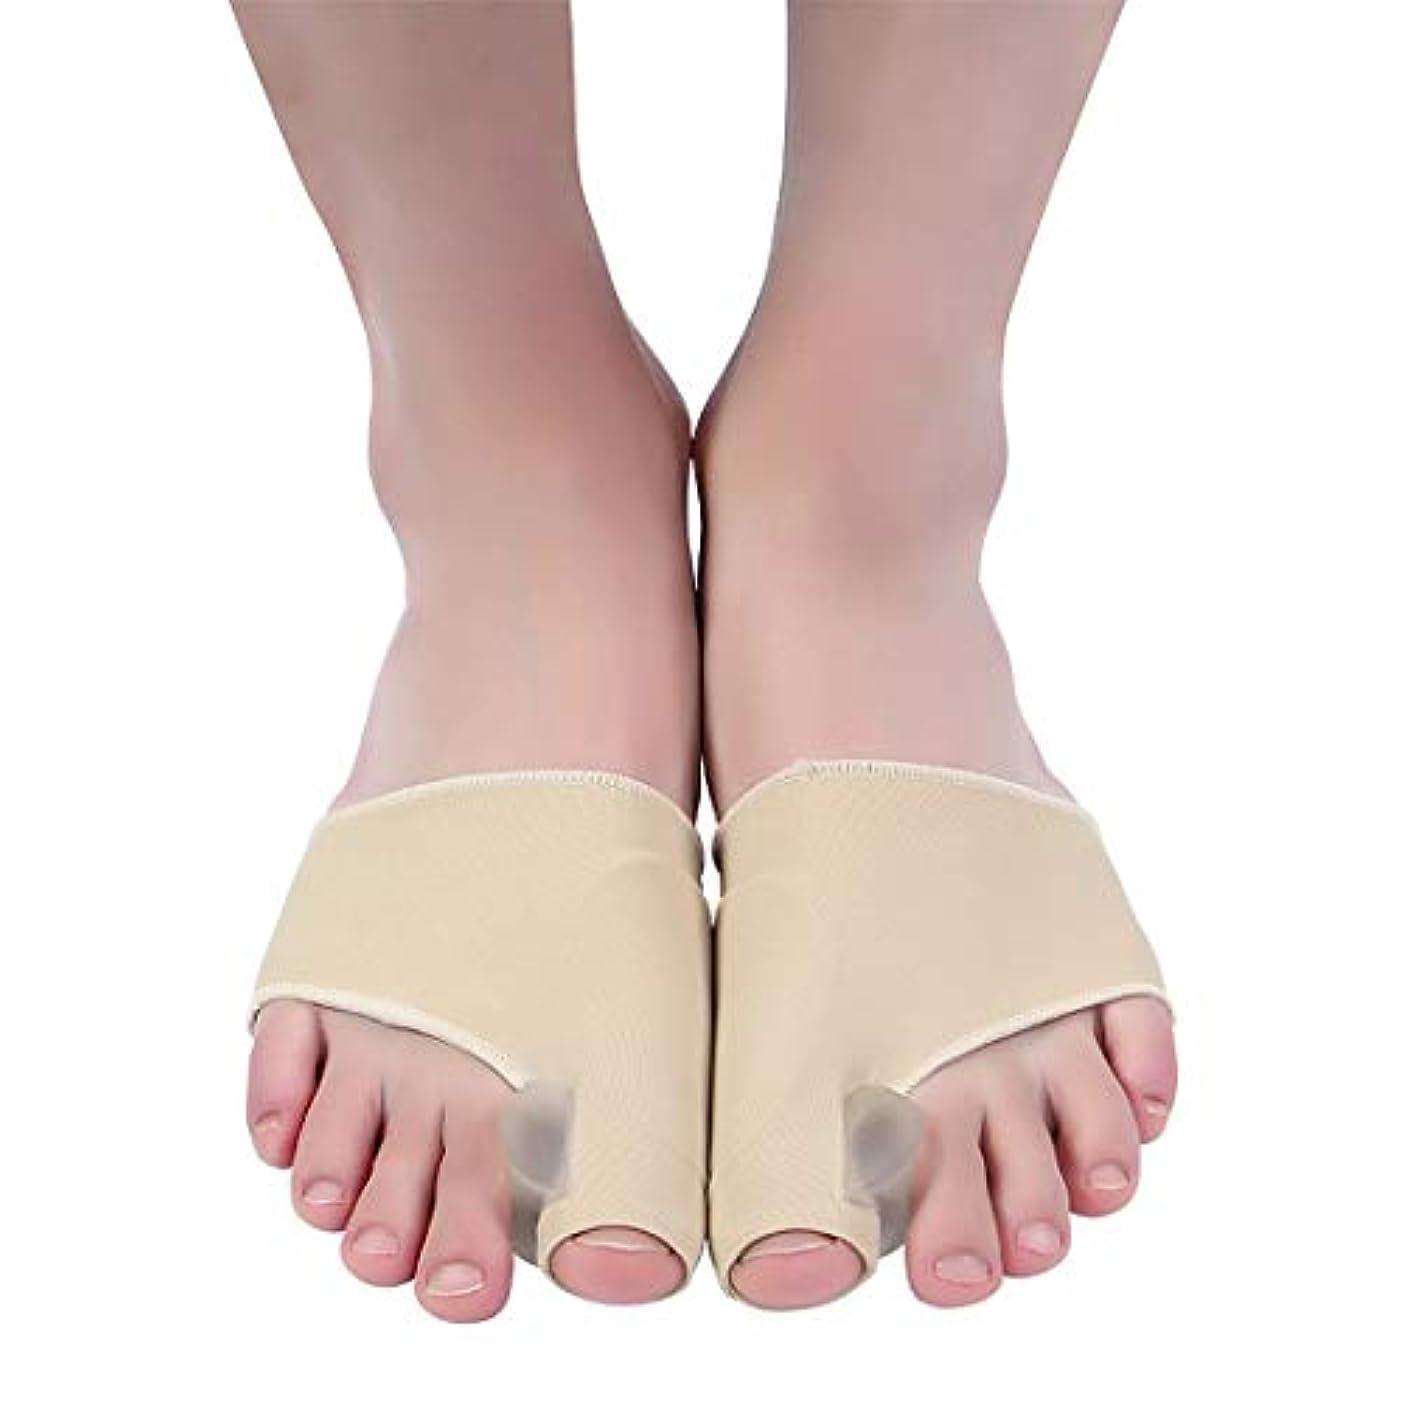 ナプキンコメンテーター地獄腱膜瘤矯正と腱膜瘤救済、女性と男性のための整形外科の足の親指矯正、昼夜のサポート、外反母Valの治療と予防